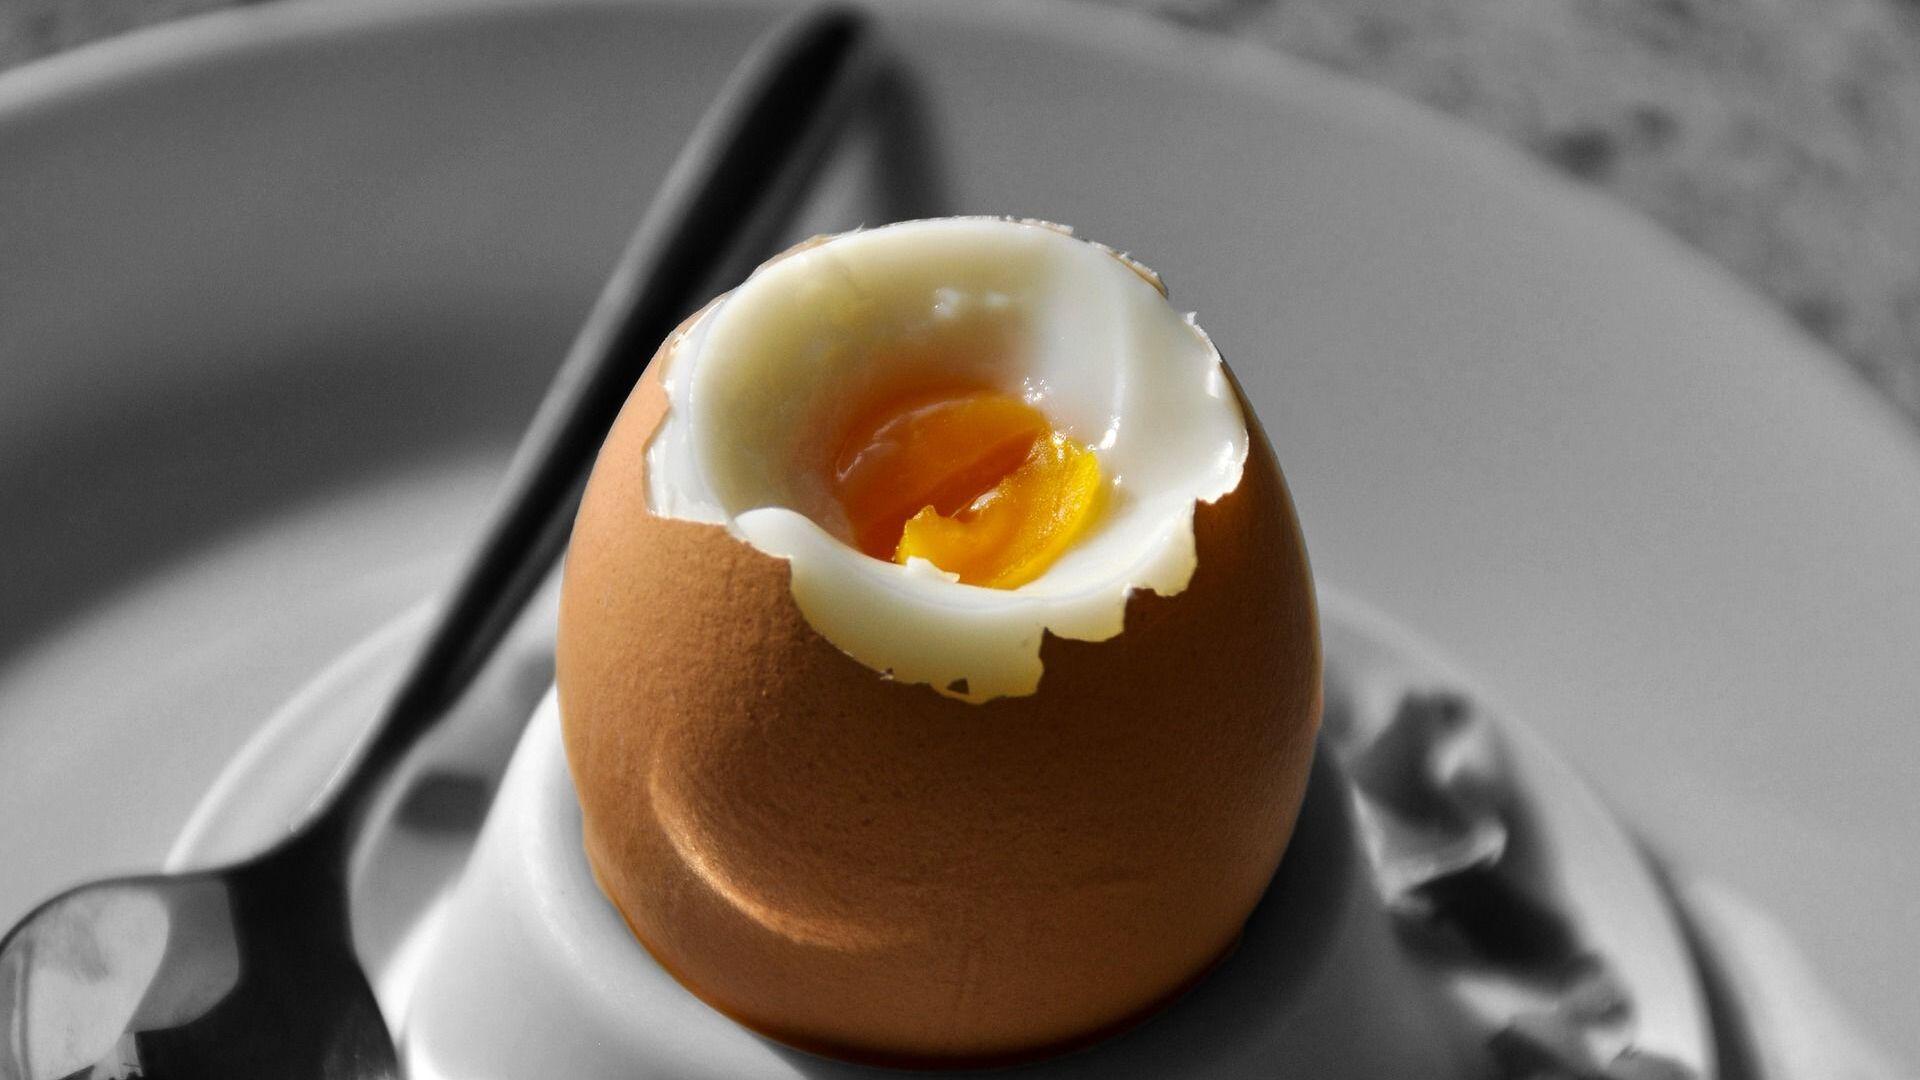 Vařené vajíčko - Sputnik Česká republika, 1920, 27.04.2021